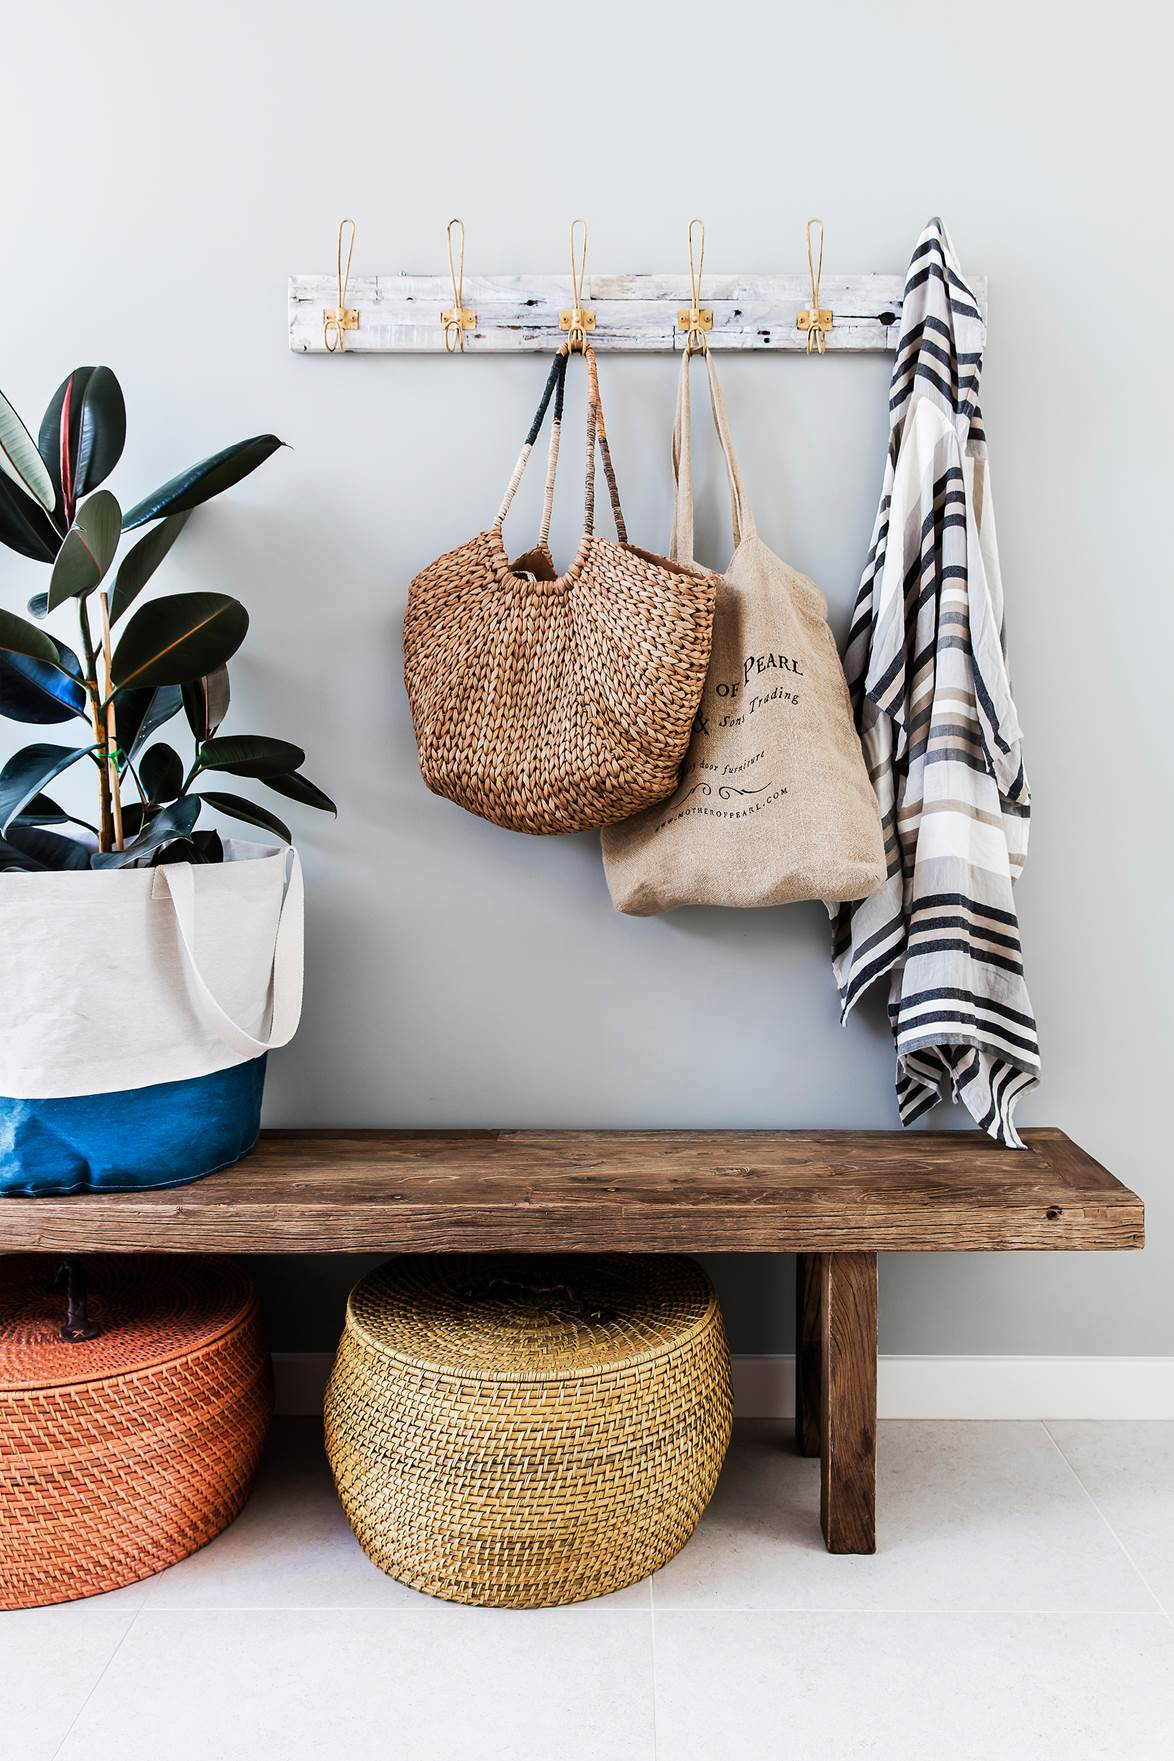 reusable bags hanging in hallway